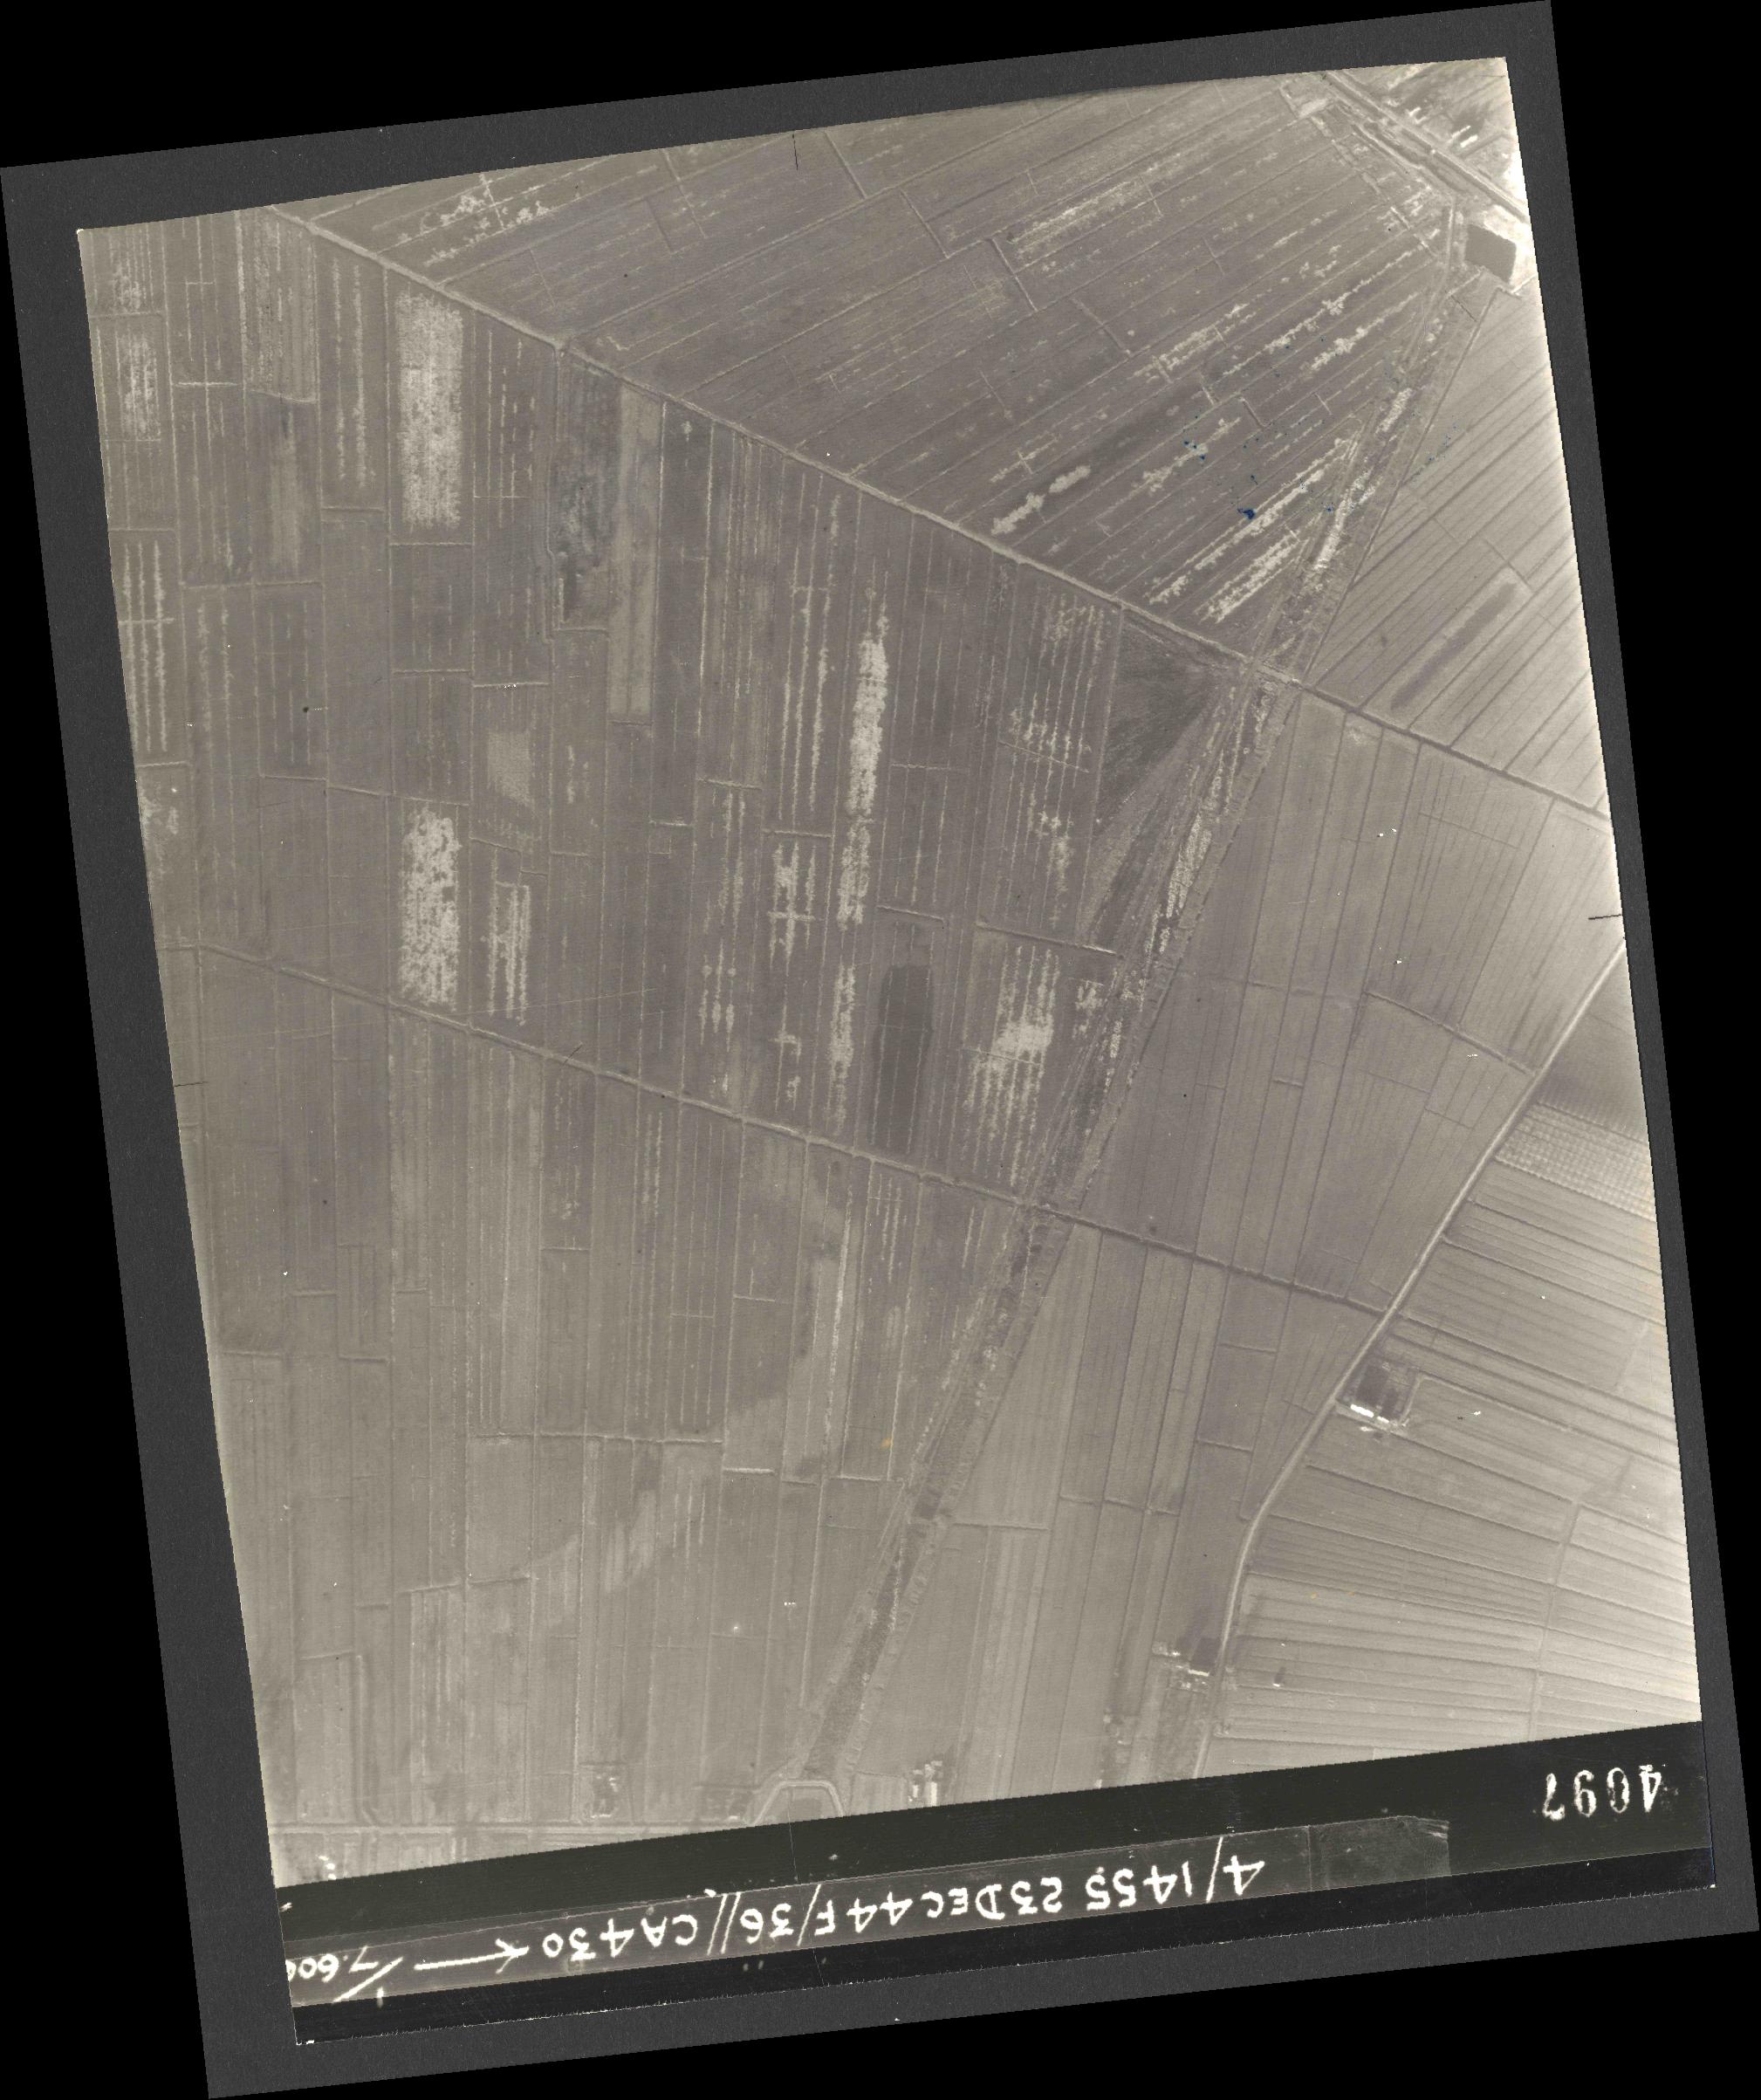 Collection RAF aerial photos 1940-1945 - flight 051, run 06, photo 4097